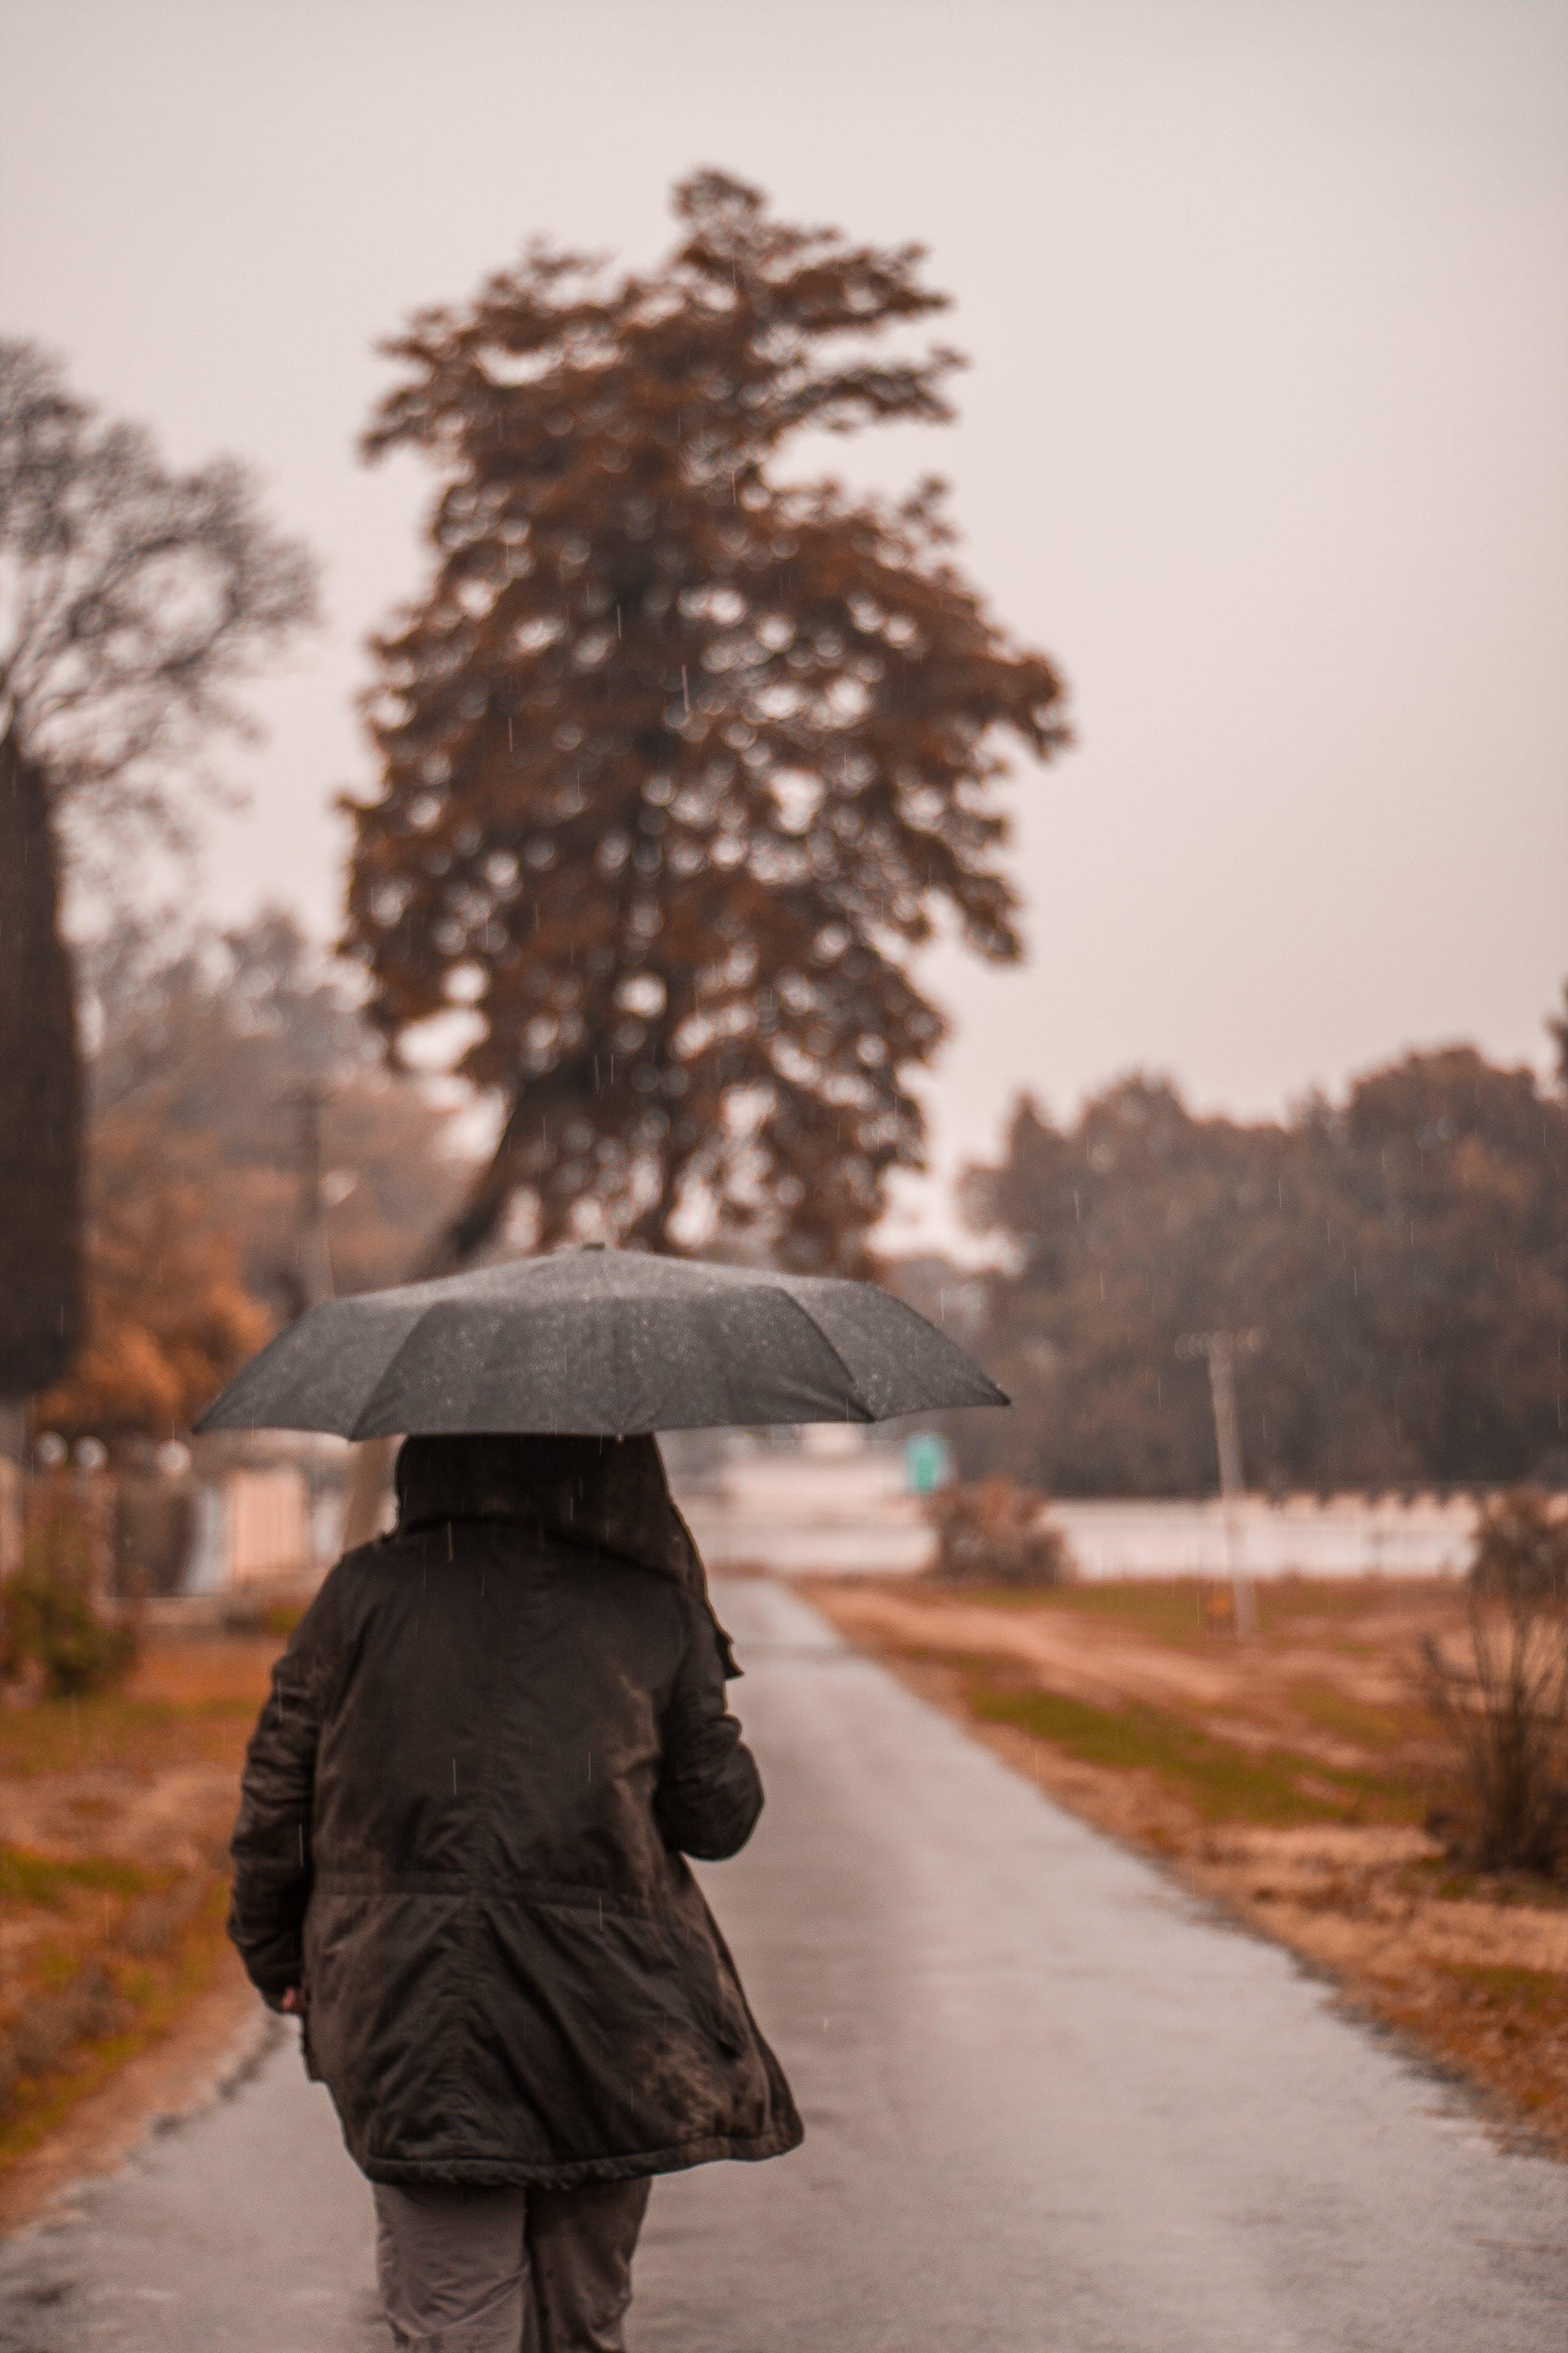 Δωρεάν στοκ φωτογραφιών με άνδρας, άνθρωπος, βροχή, μονοπάτι